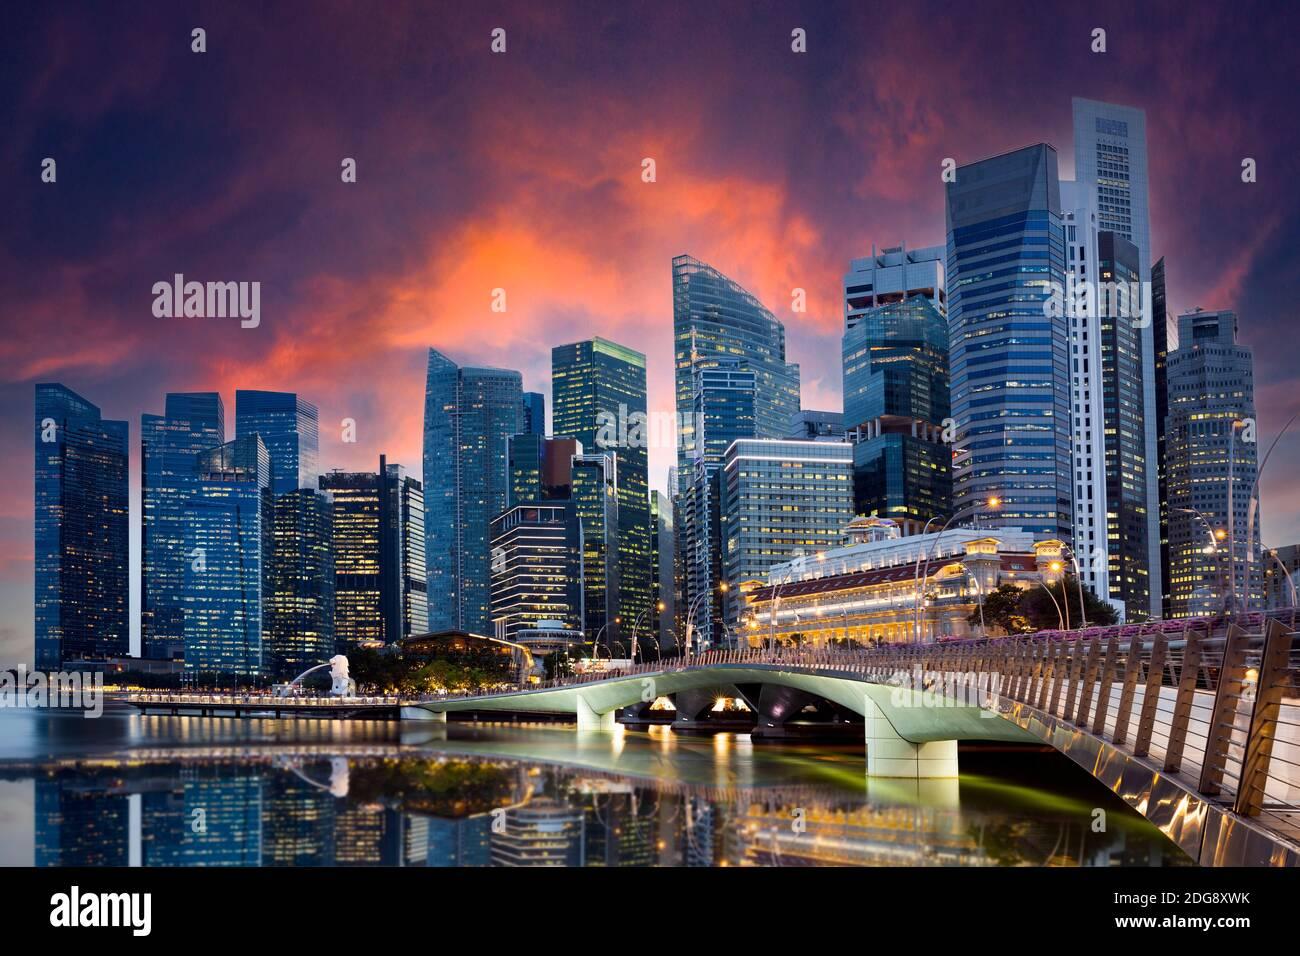 Vue imprenable sur le Merlion Park avec les gratte-ciel de Singapour en arrière-plan pendant un magnifique et spectaculaire coucher de soleil. Banque D'Images